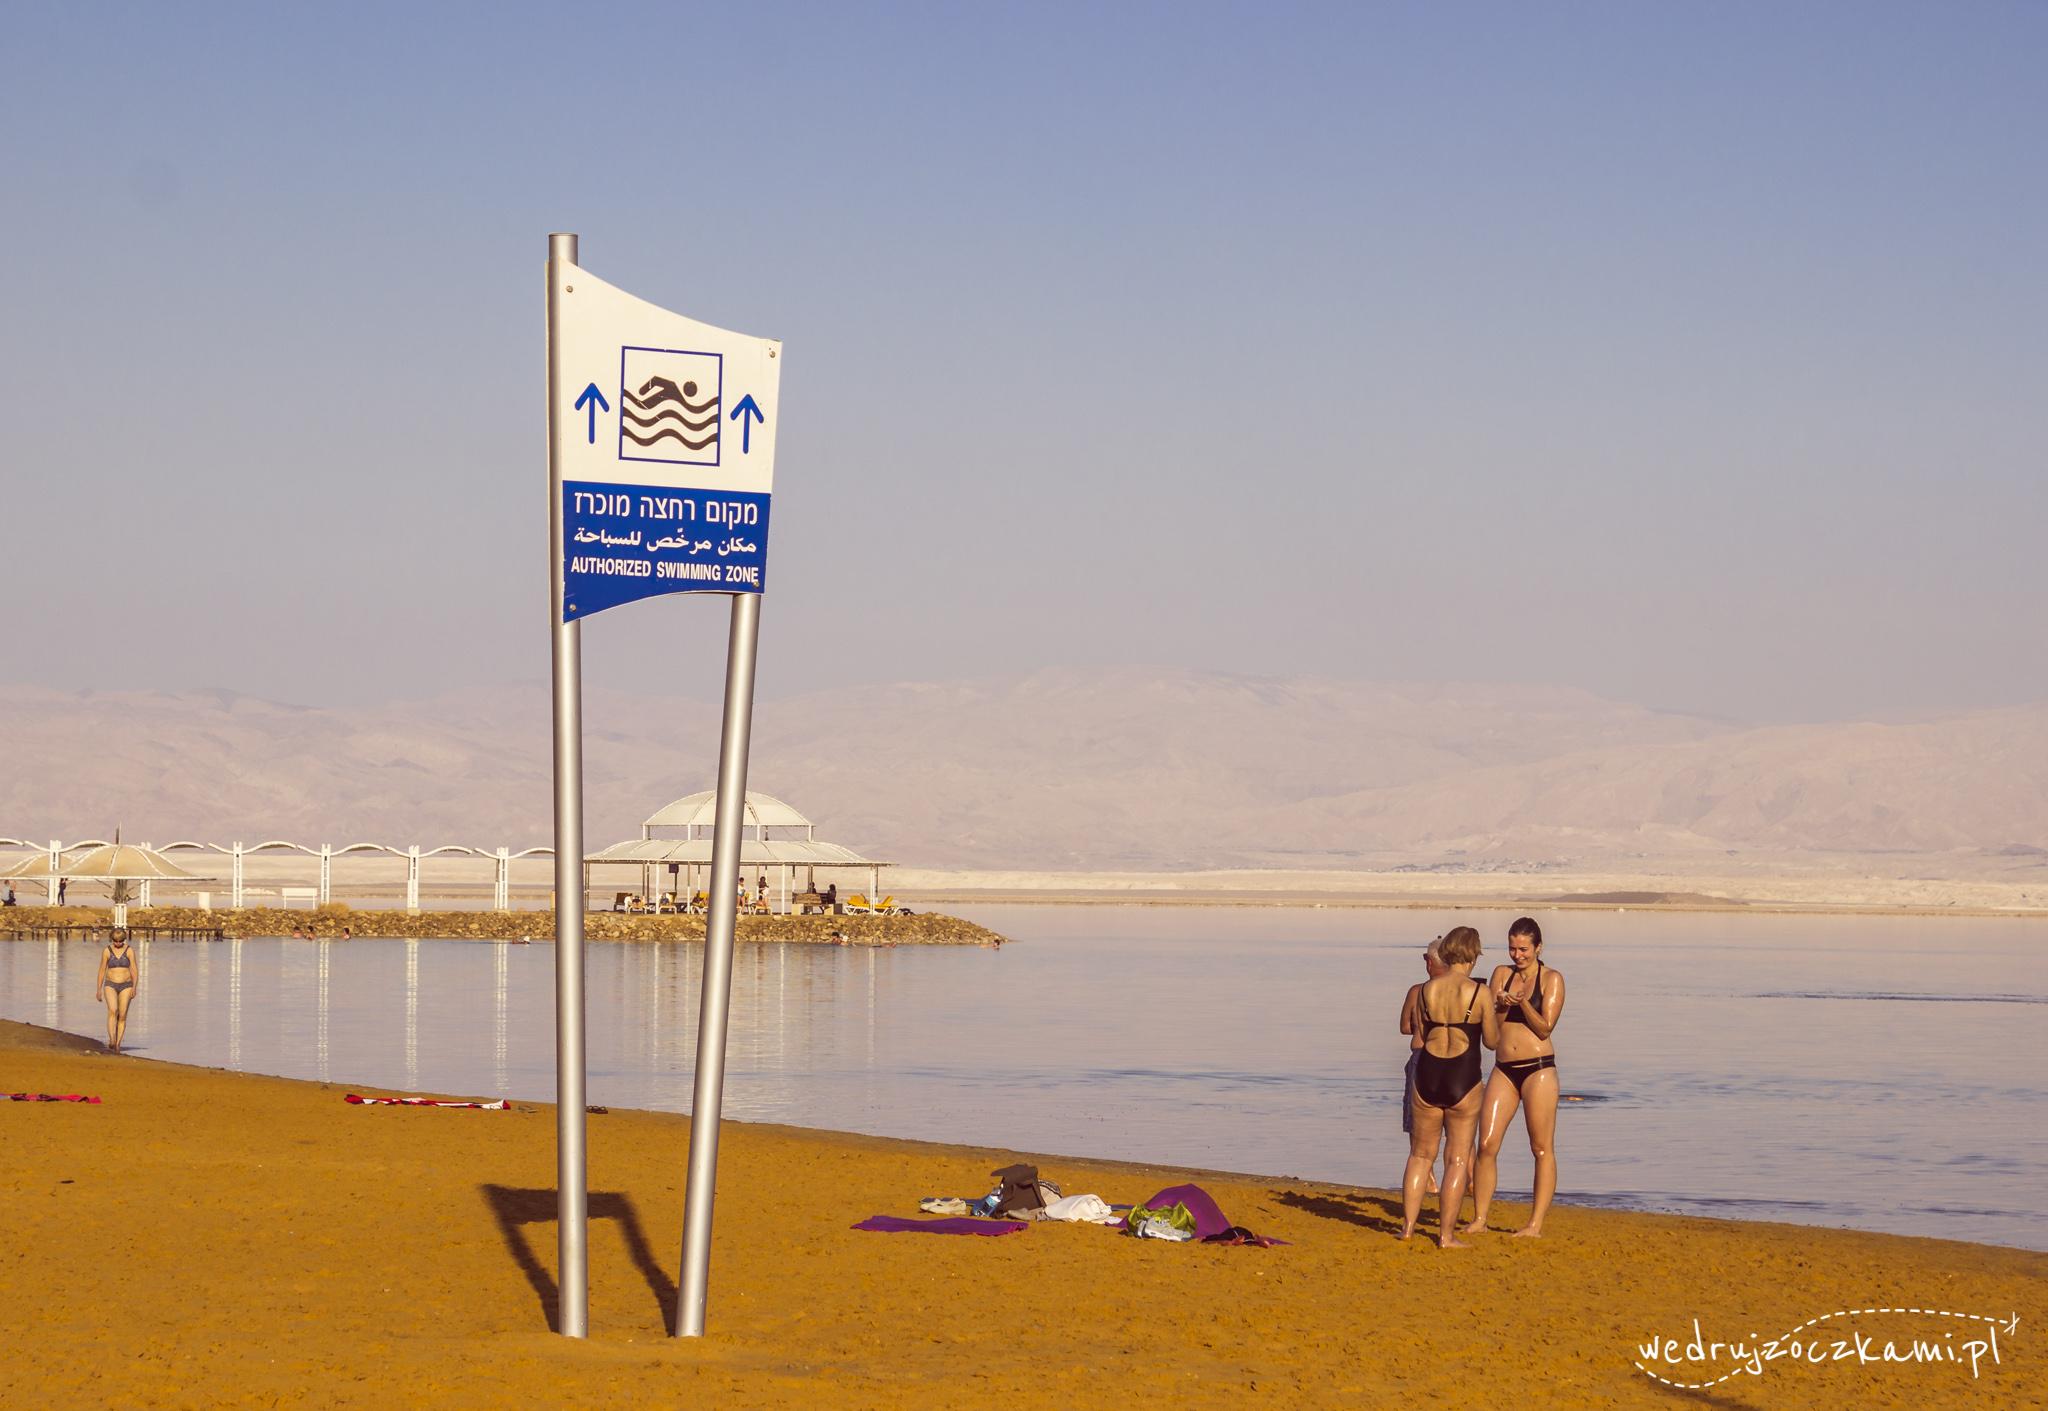 Ein Bokek, Morze Martwe. Miejsce przeznaczone do kąpieli.